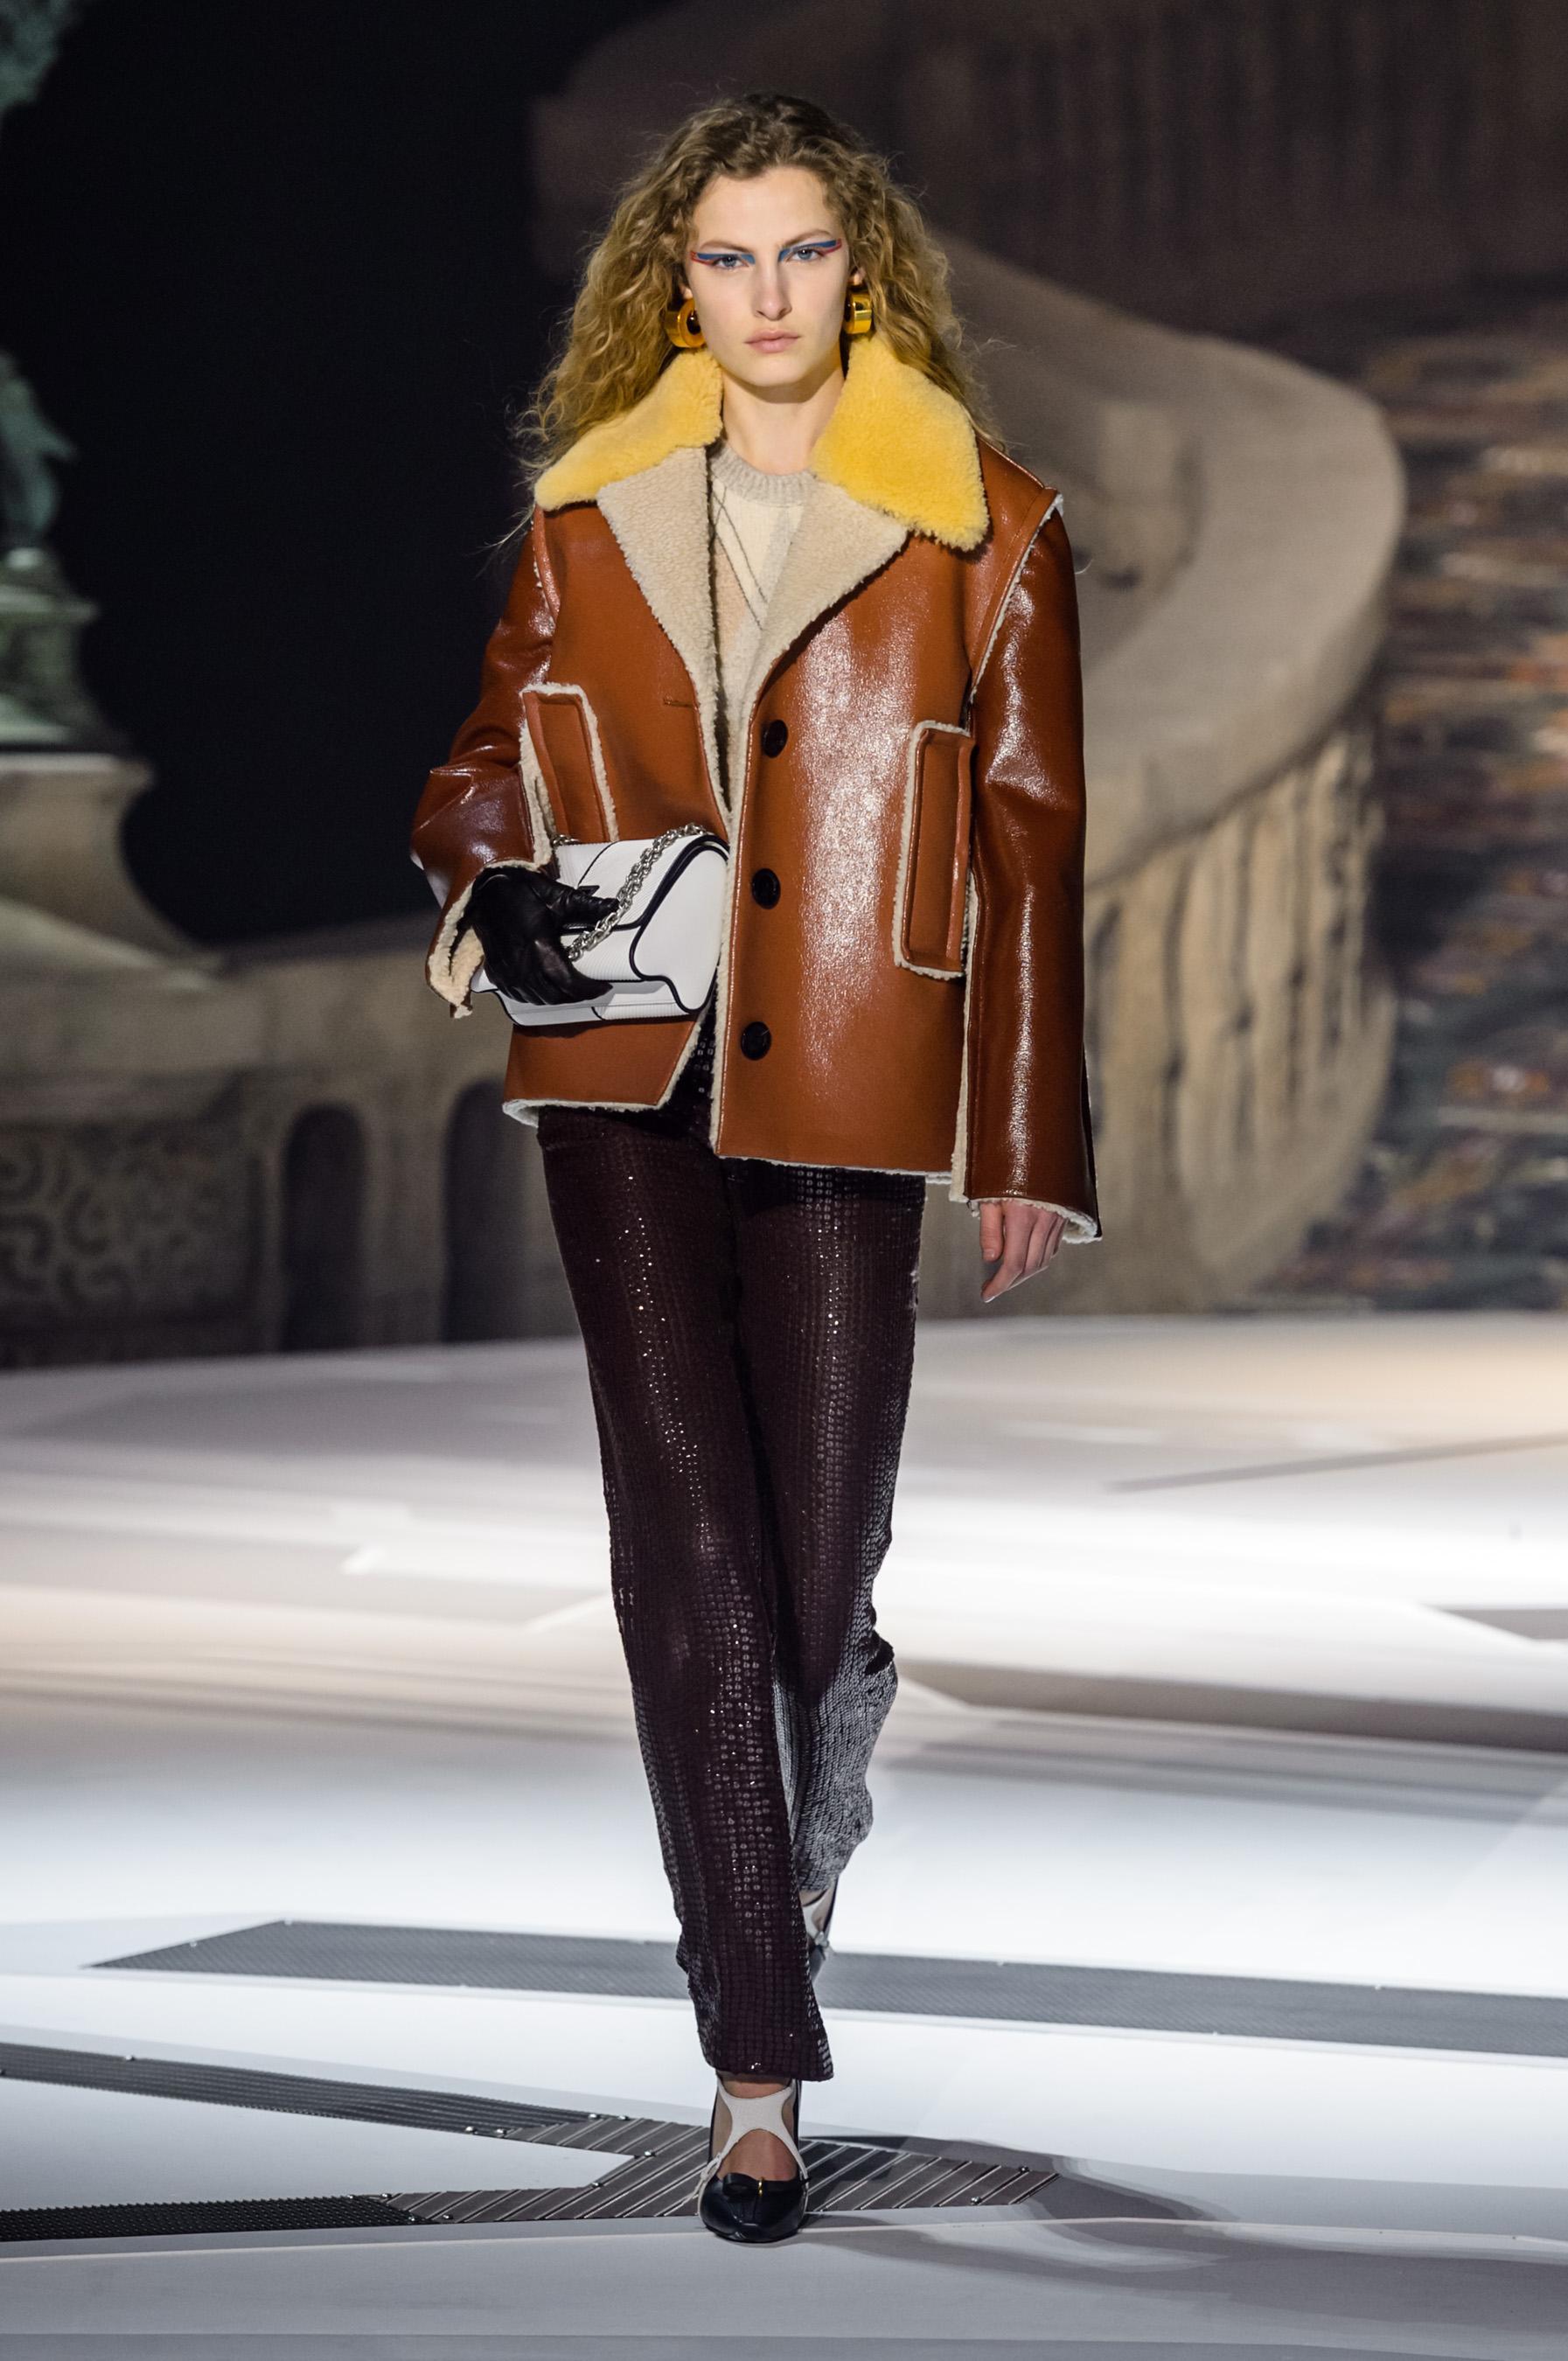 d3c14a6860f Défilé Louis Vuitton automne-hiver 2018-2019 Prêt-à-porter - Madame ...